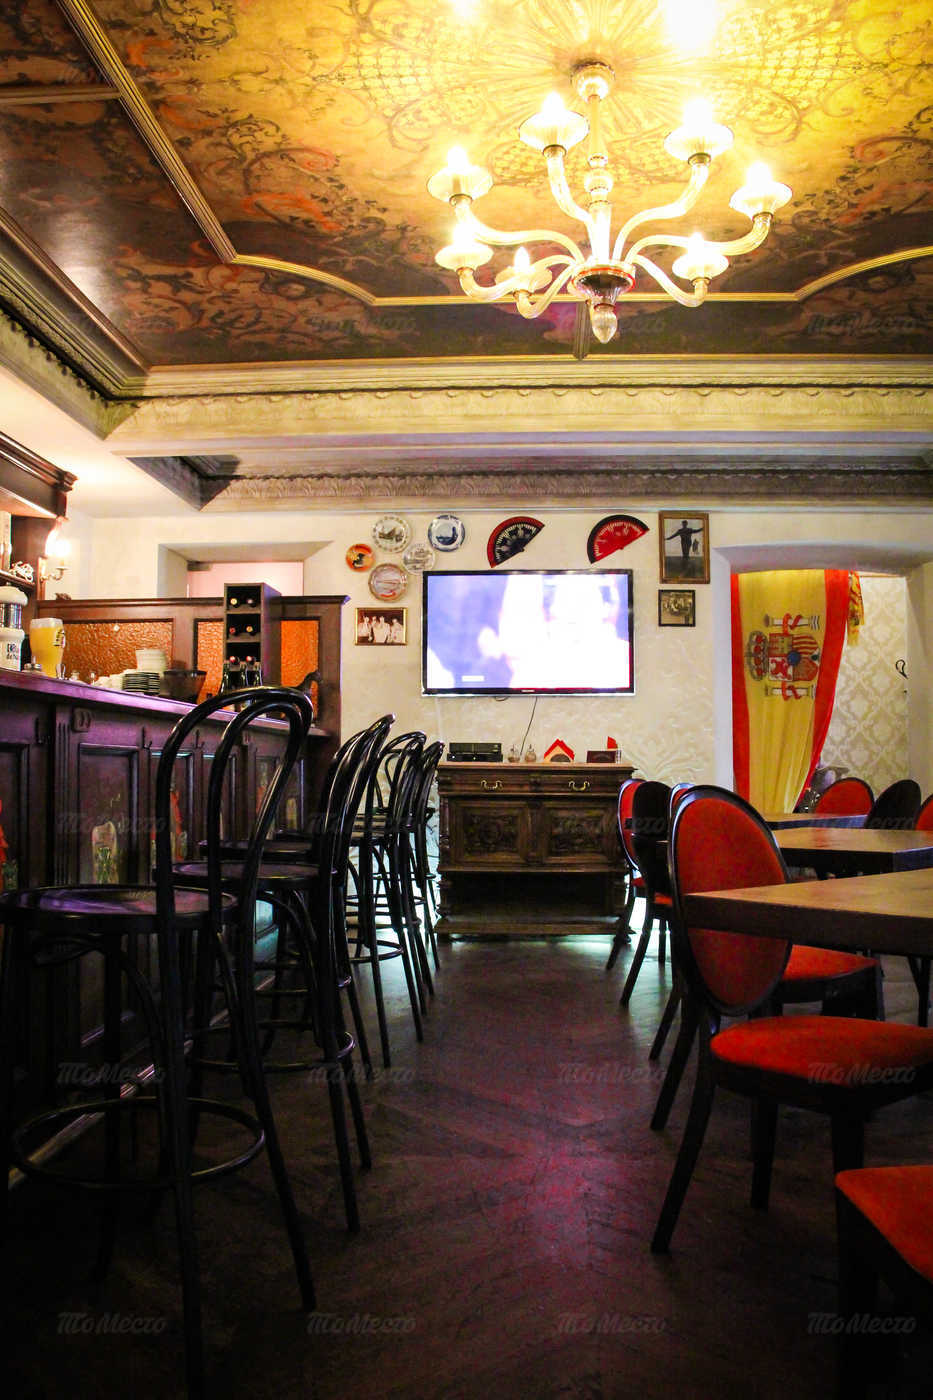 Бар, ресторан Хавьер (Daily Bar XAVIER) на Гагаринской улице фото 4